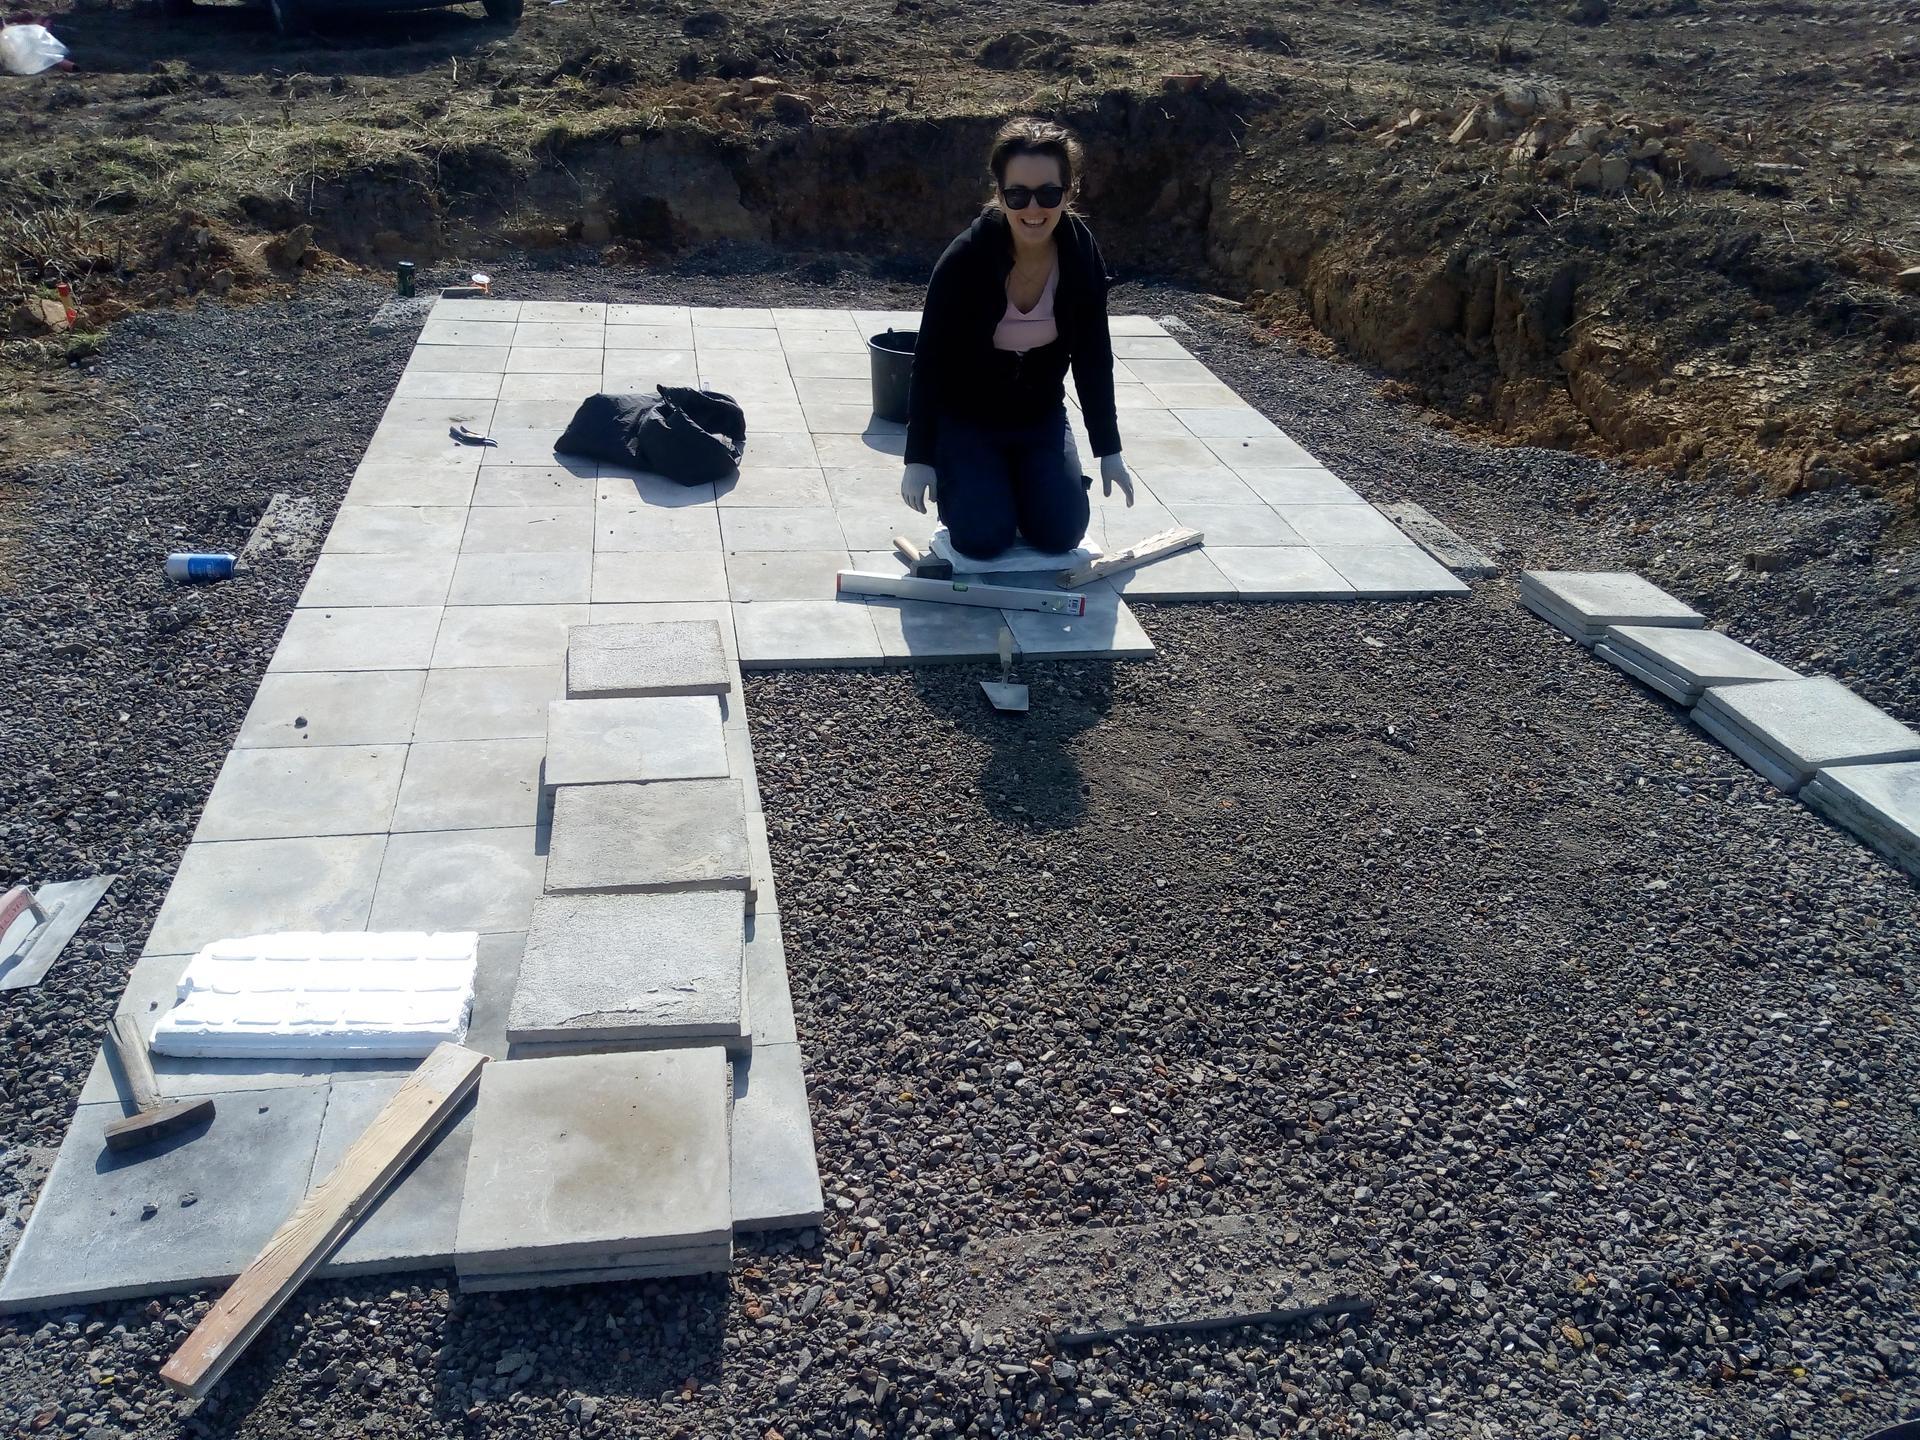 Příprava pozemku, bednění, základy, opěrka, bouda, plot - Obrázek č. 35